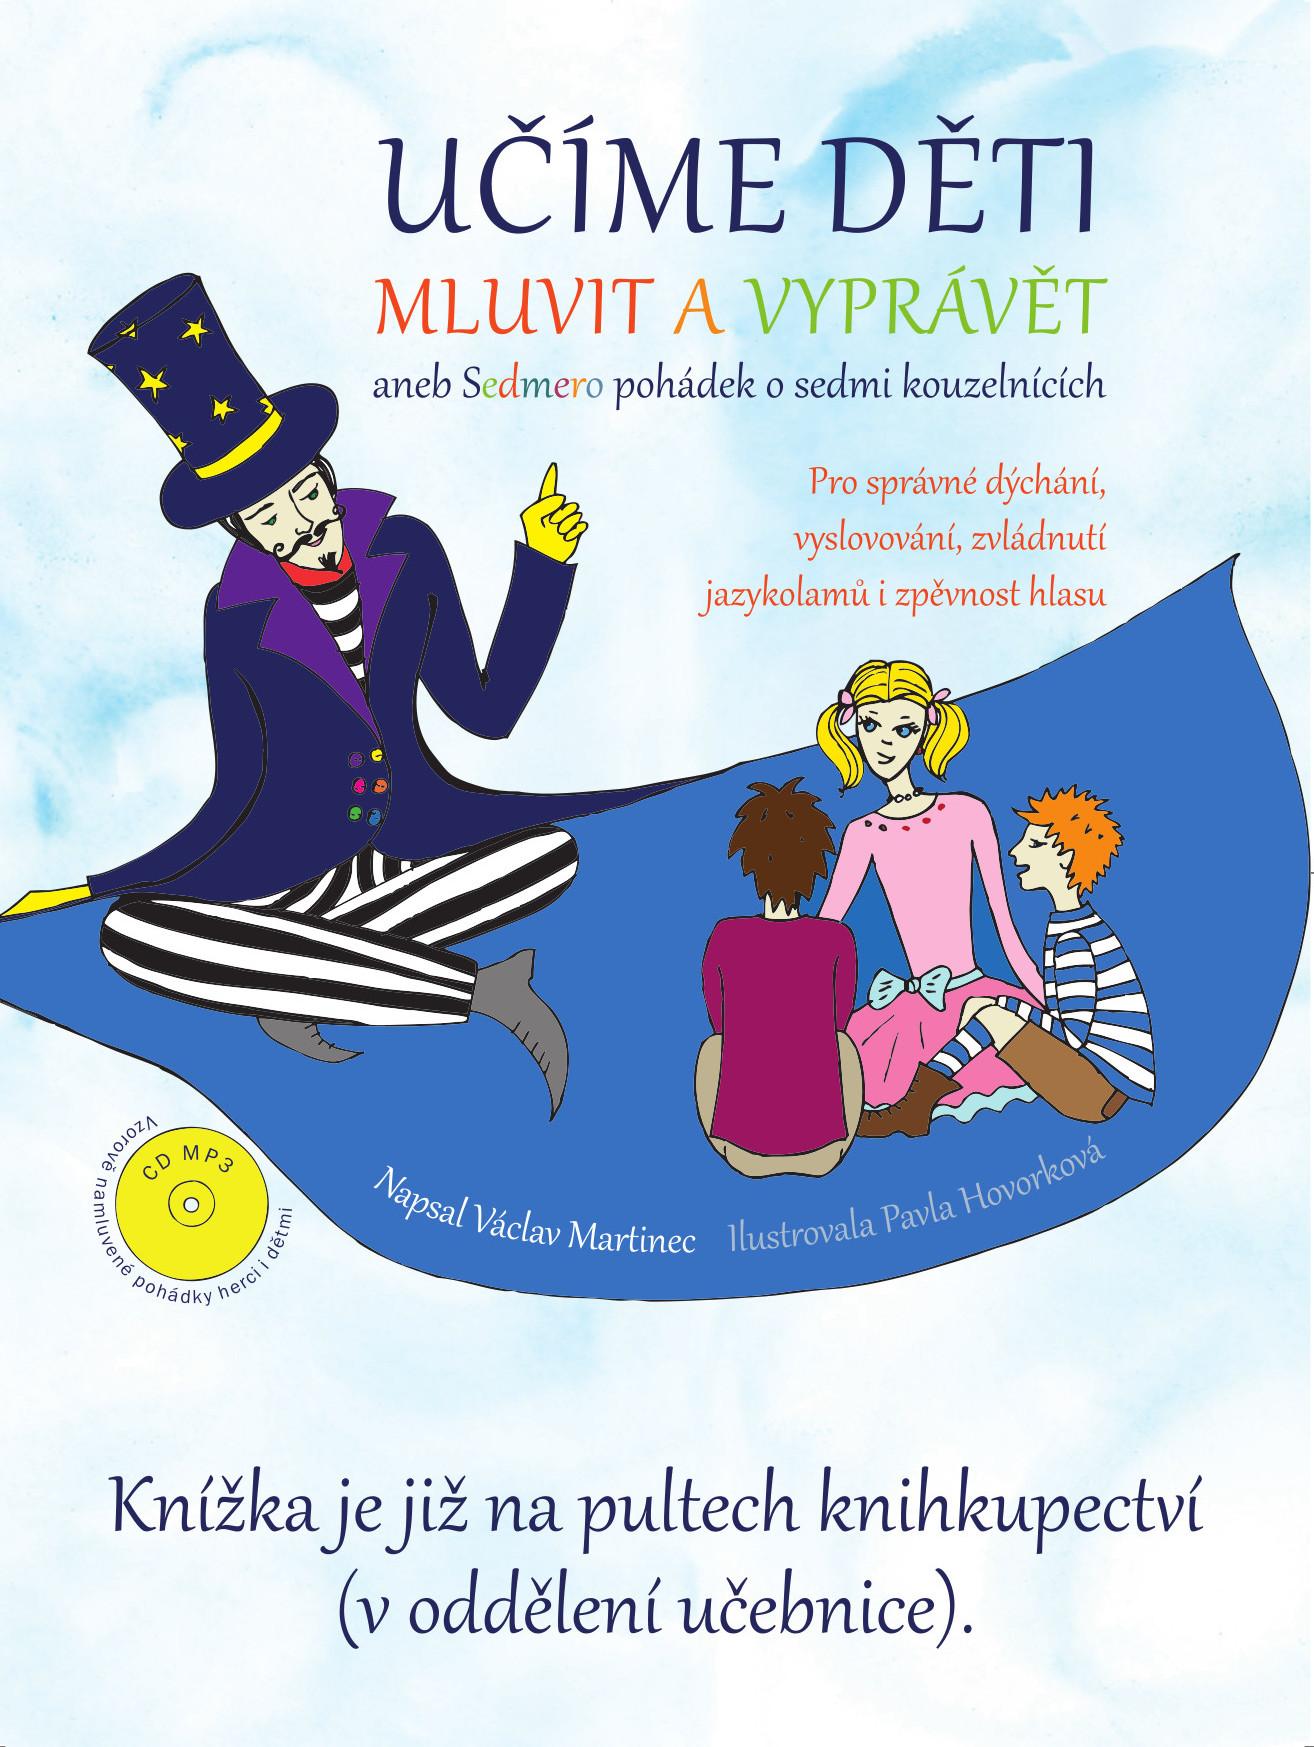 Vyšla nová kniha